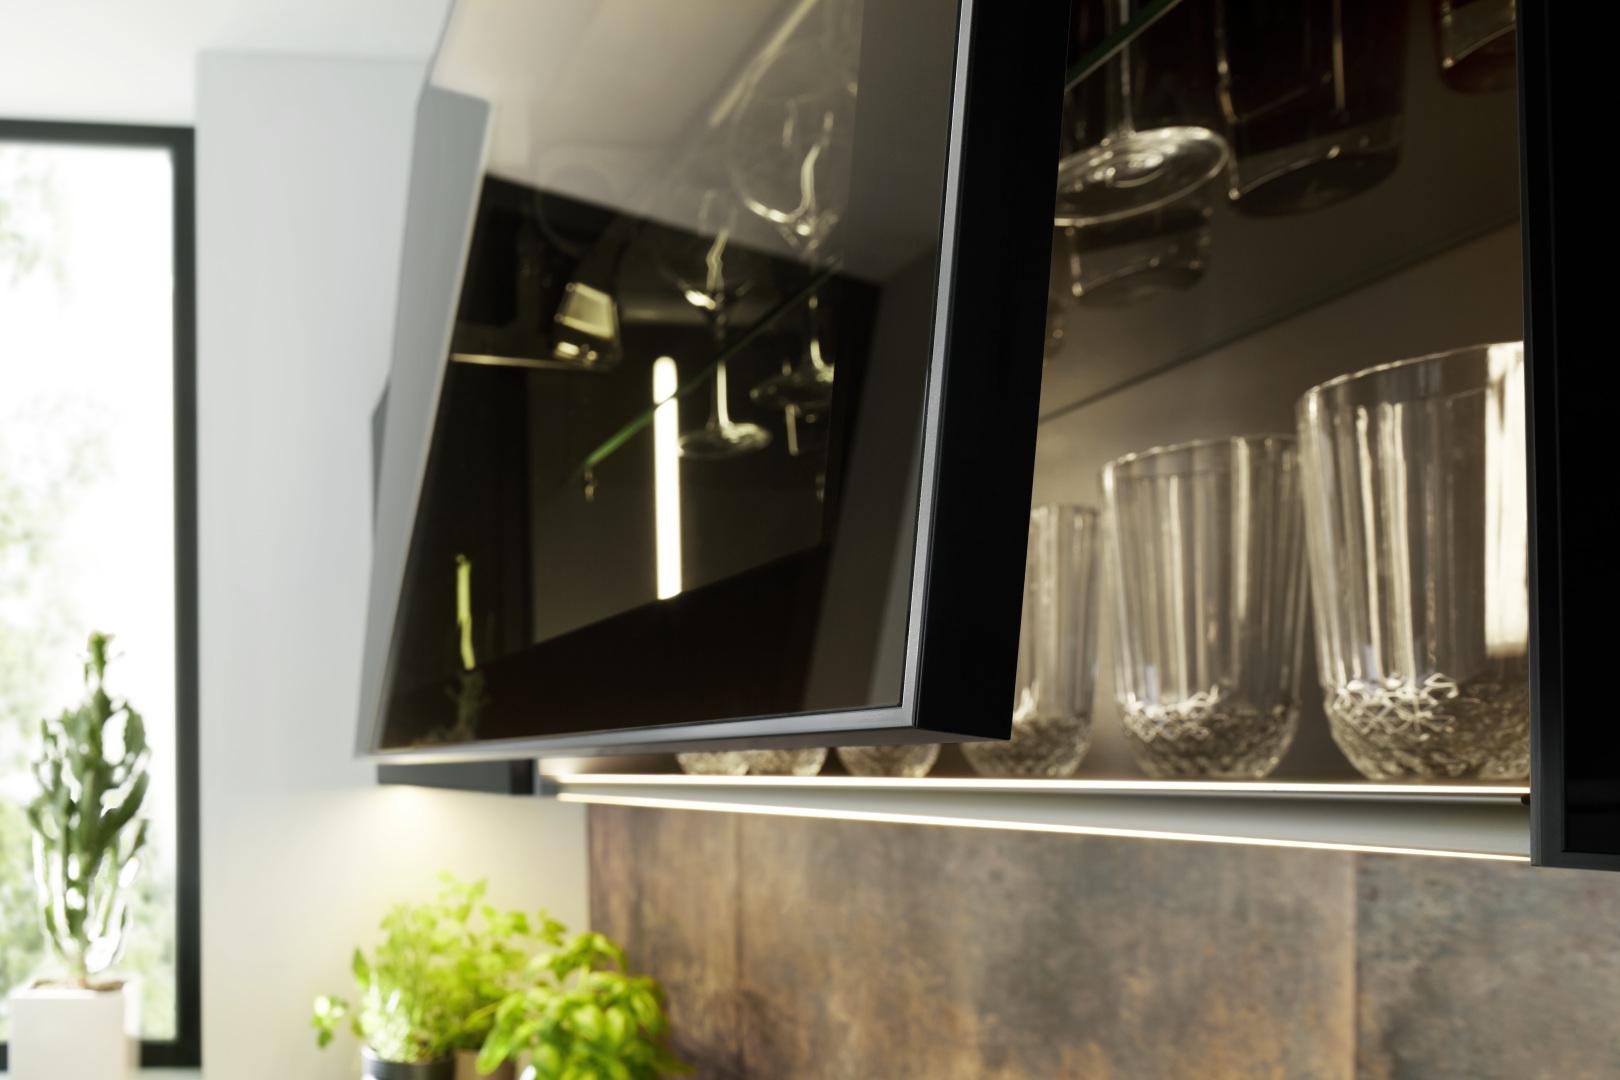 biała kuchnia ze szklanymi frontami nolte kuchen glas tec plus witryny